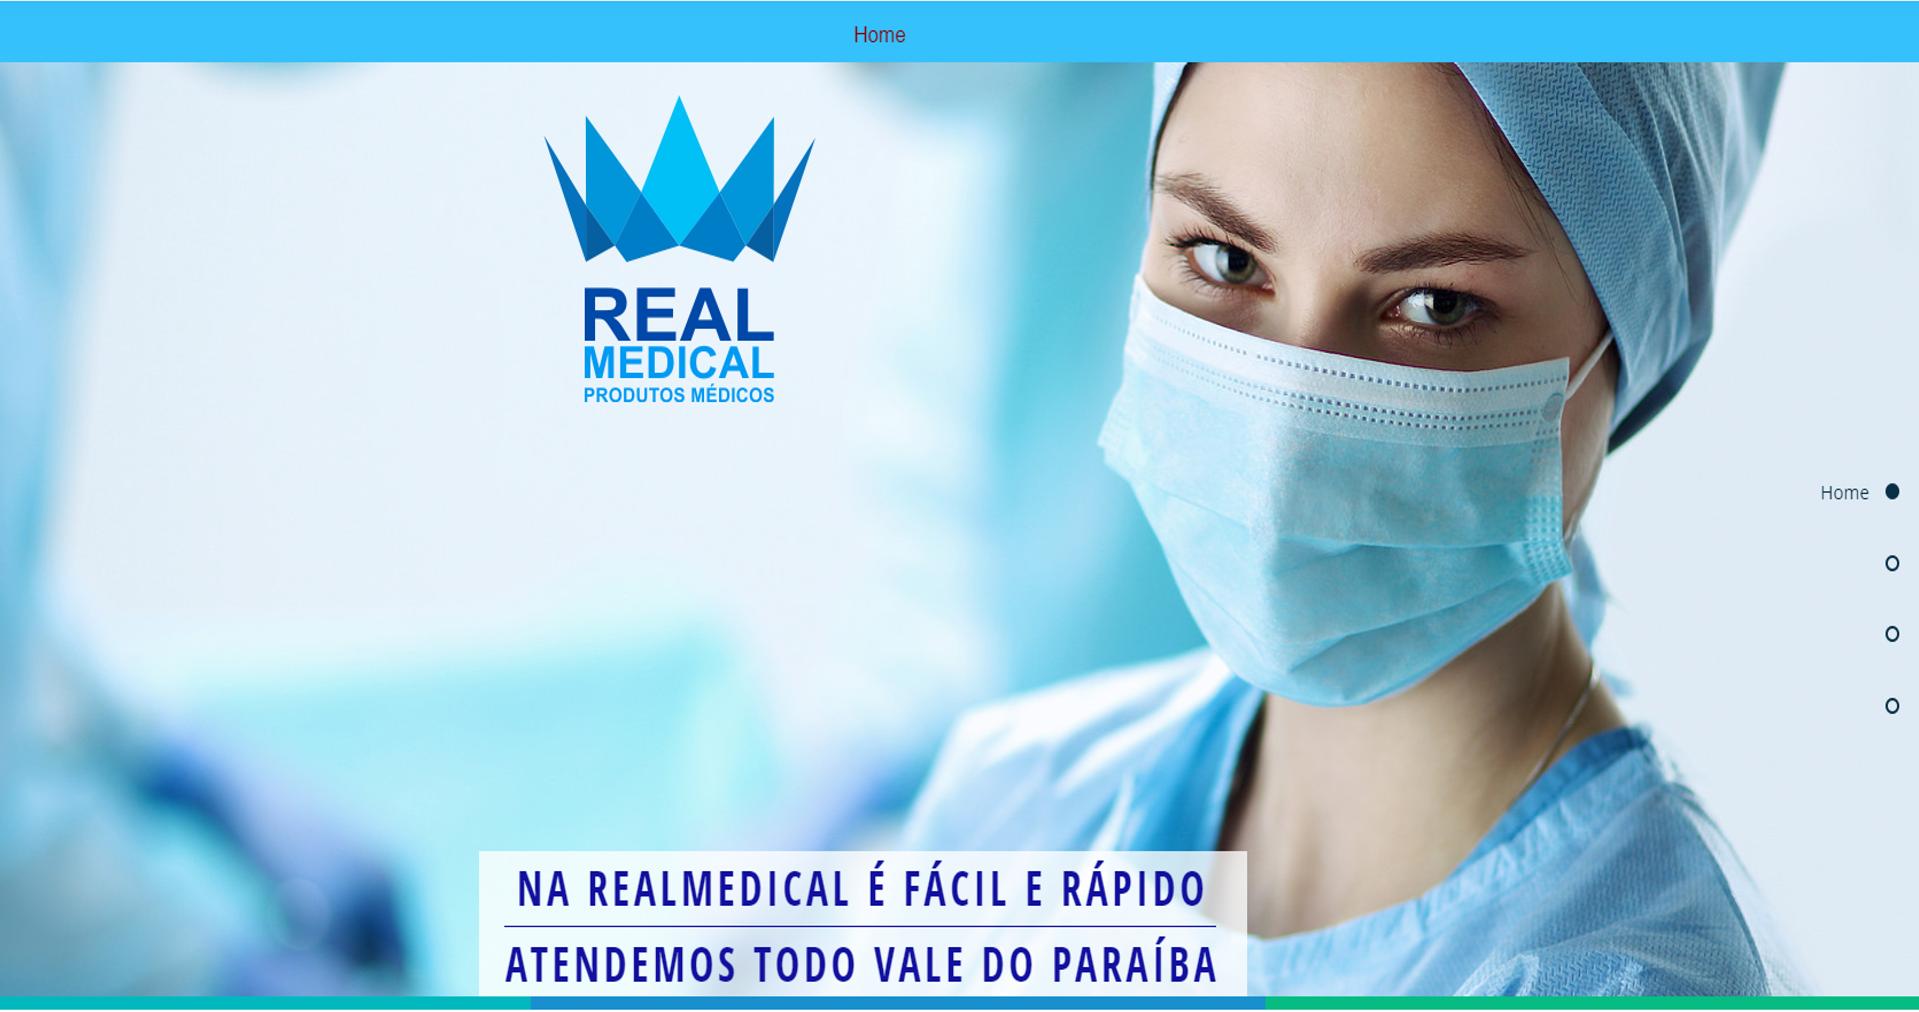 realmedical